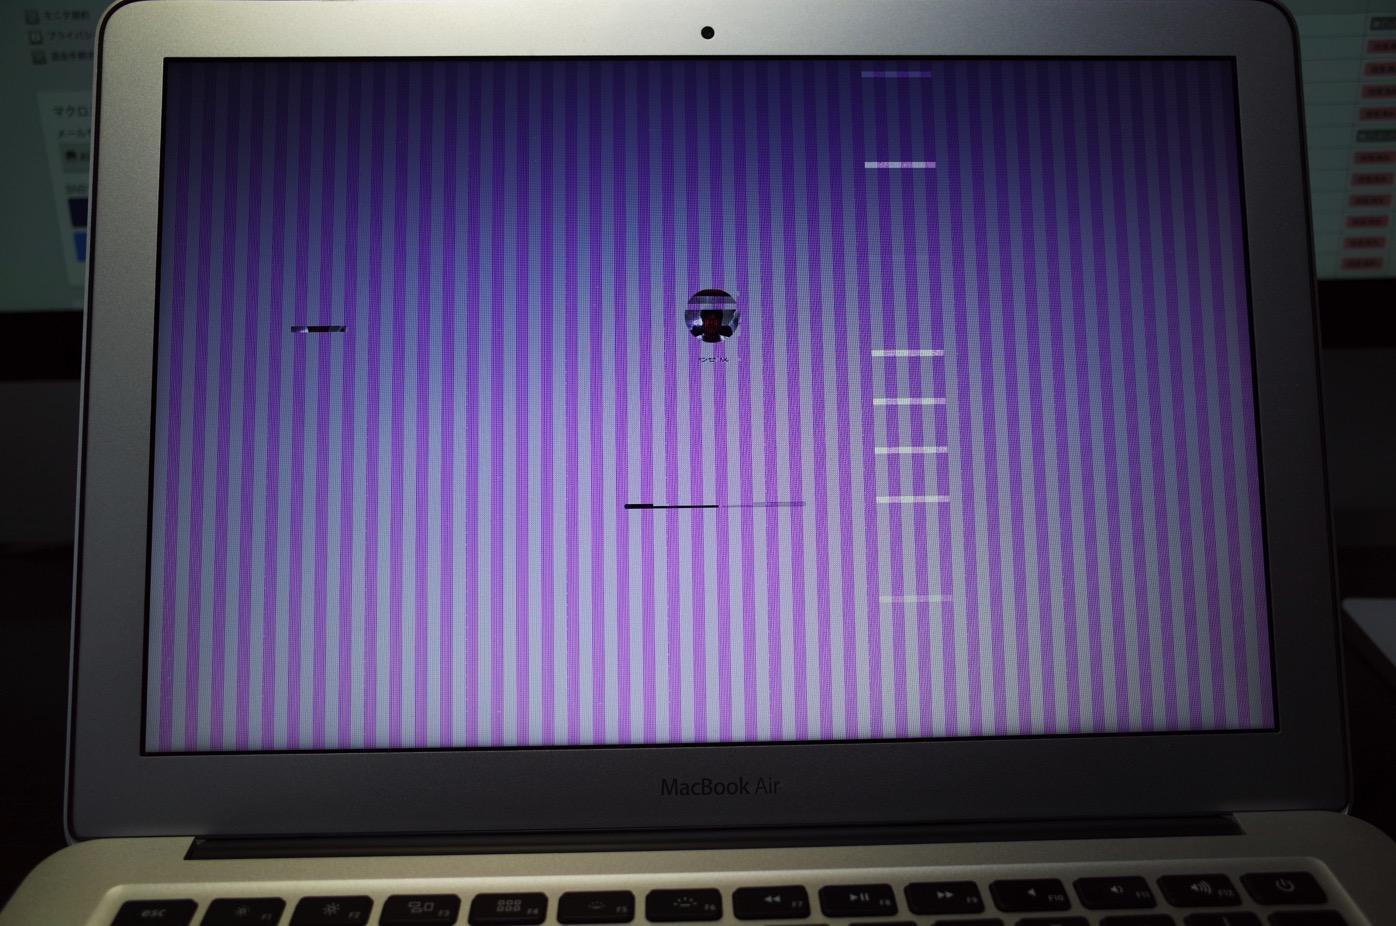 MacBook Air-3